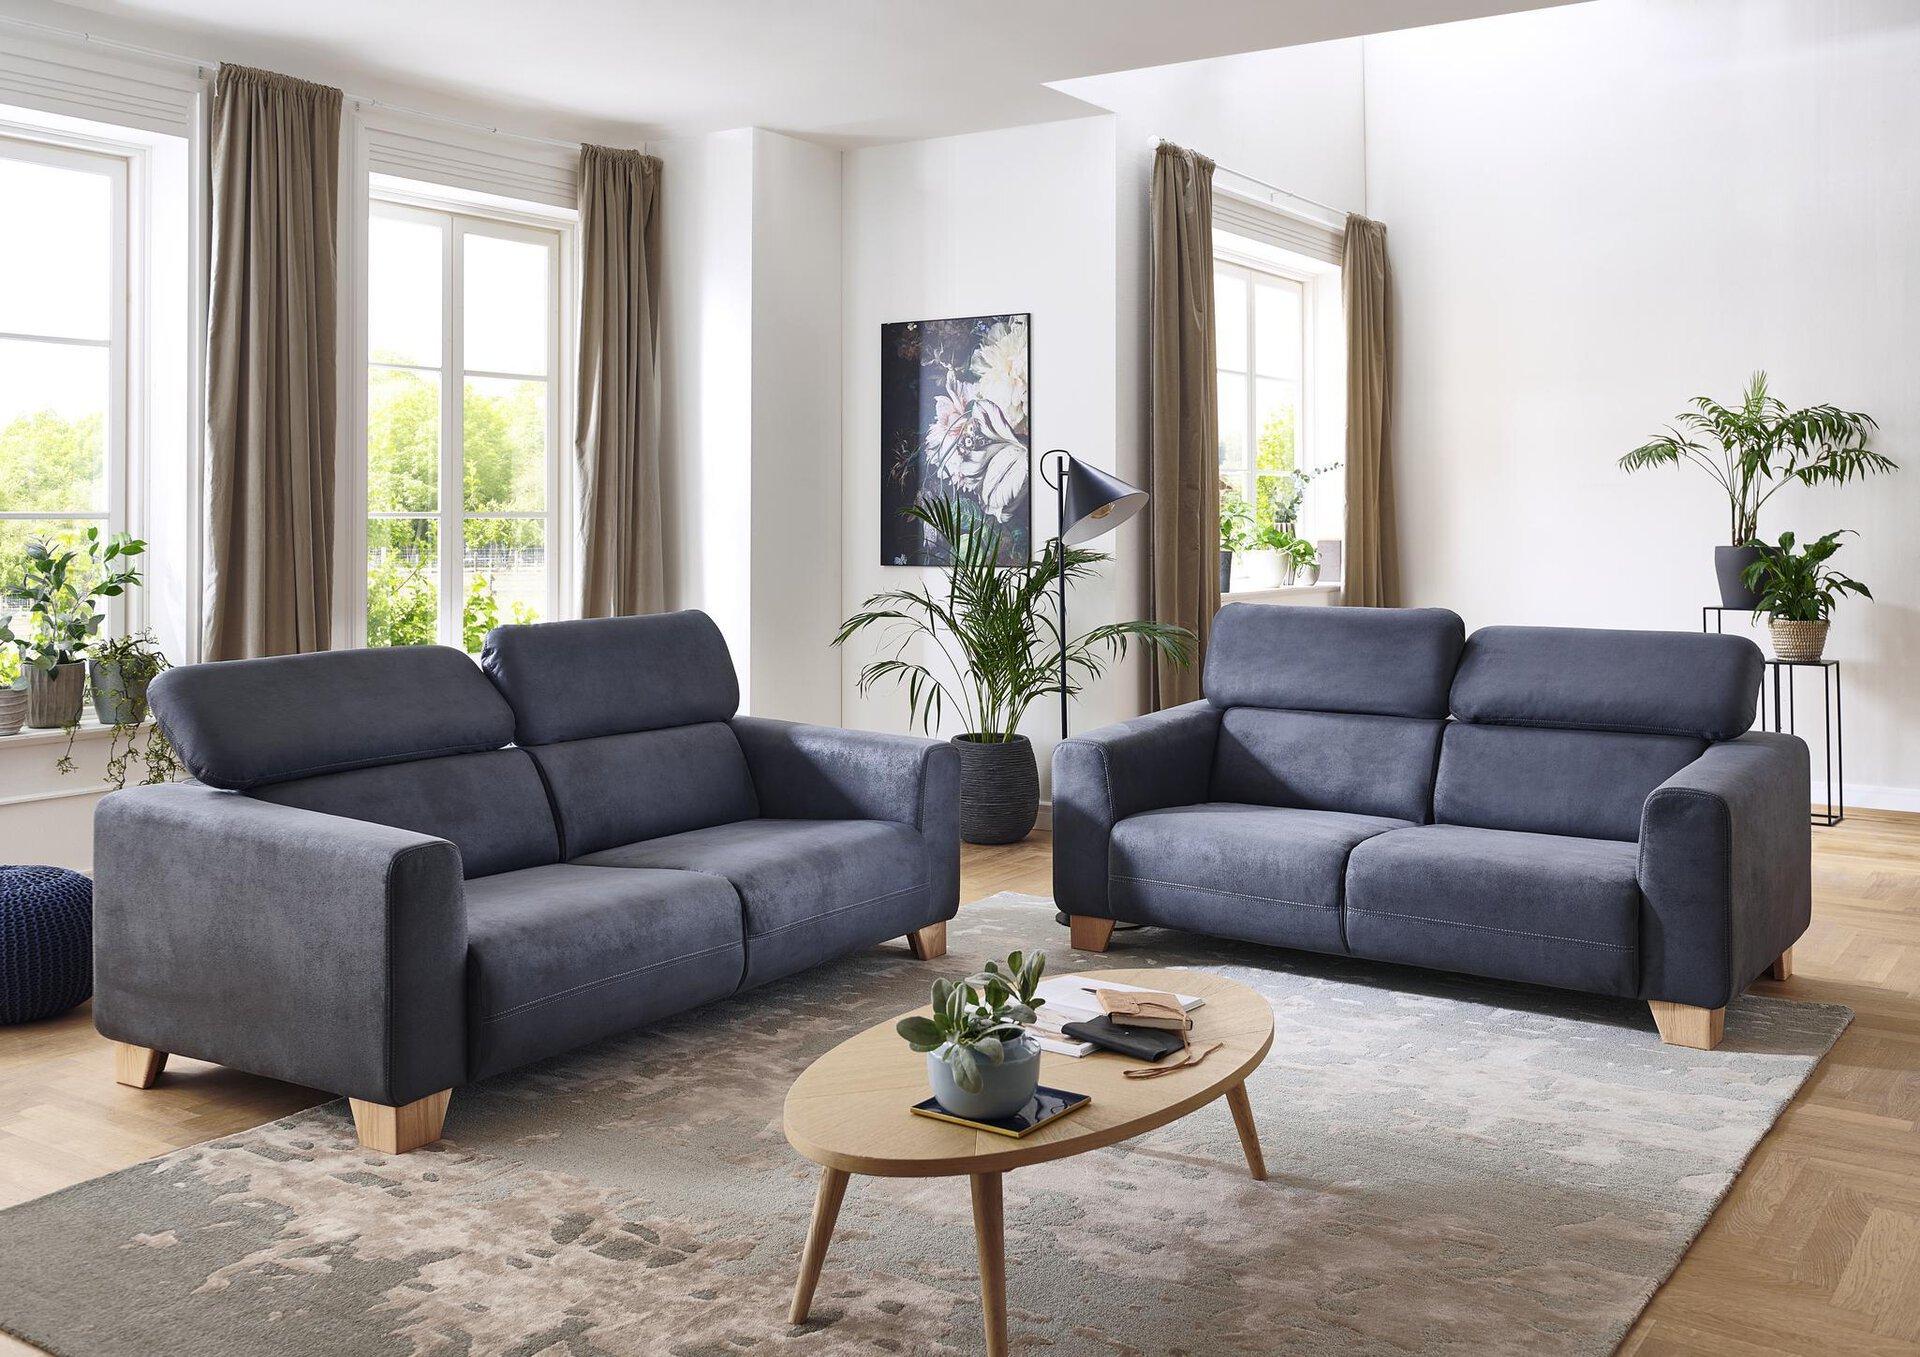 Sofa 2-Sitzer FLORA CELECT Textil grau 107 x 65 x 185 cm